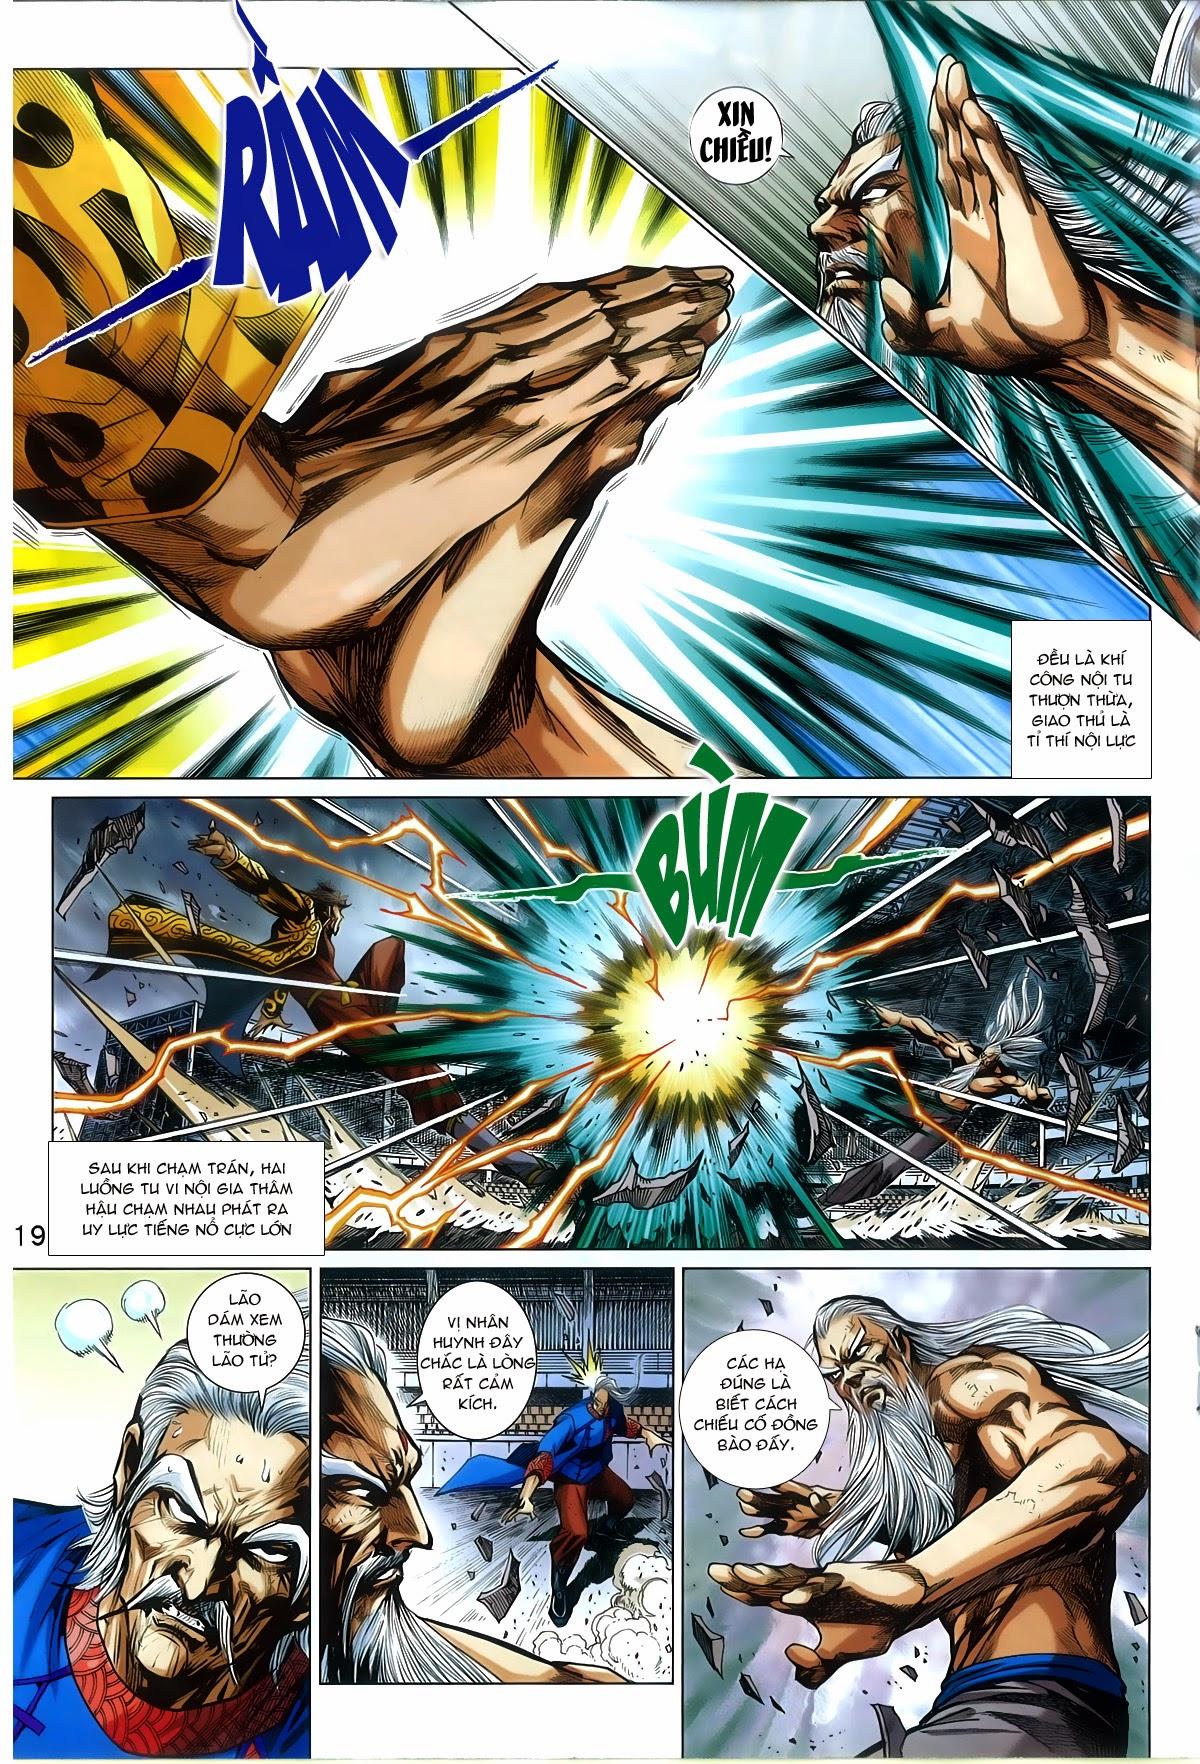 Tân Tác Long Hổ Môn Chap 772 page 18 - Truyentranhaz.net